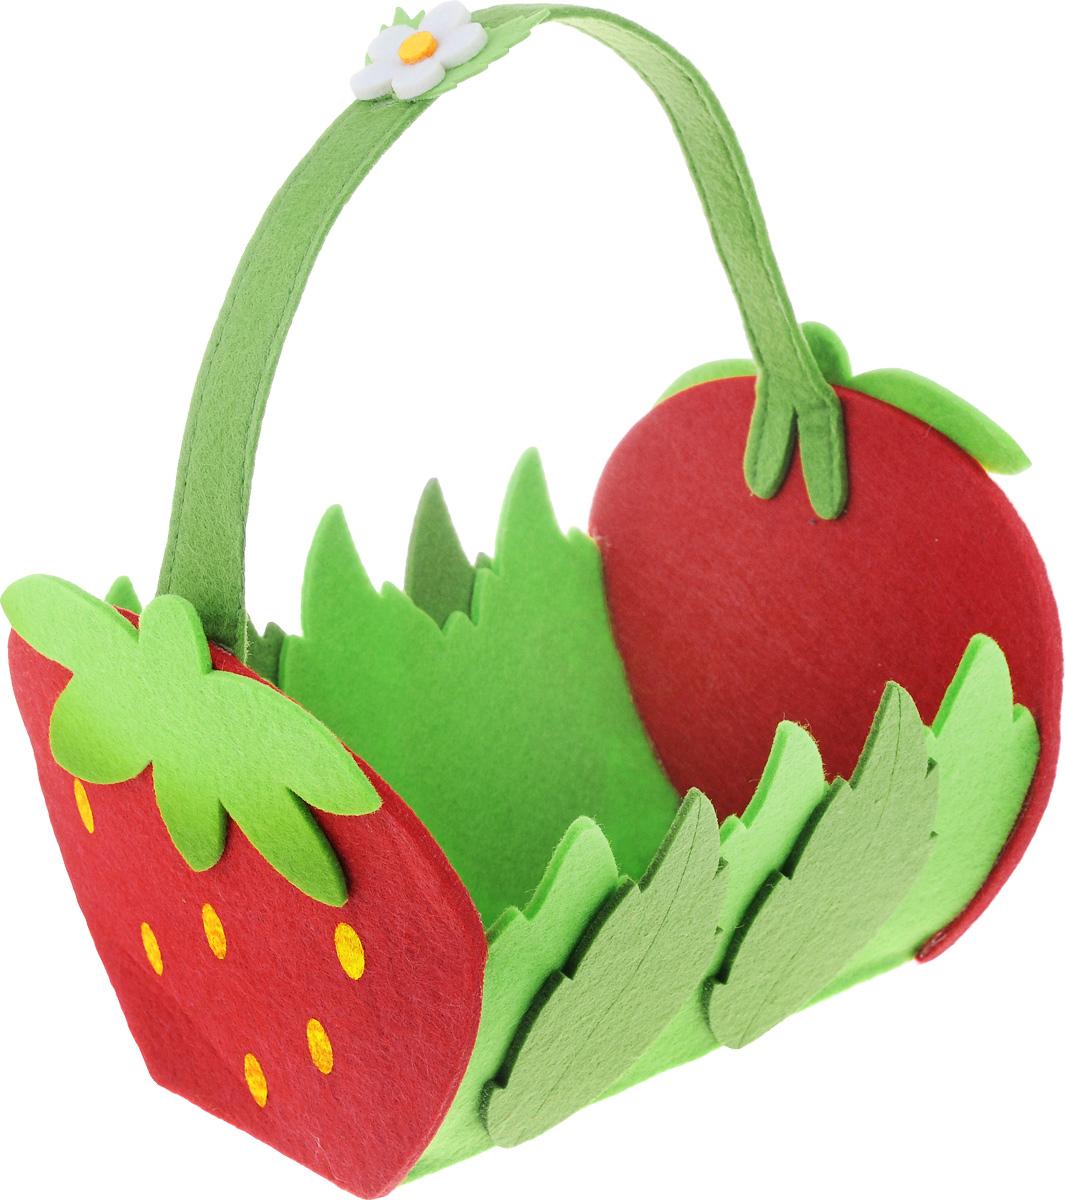 Декоративное украшение RTO Корзинка, цвет: красный, зеленый, 23 х 19 х 15 см изделие декоративное корзинка d 16см h 29см упаковочный пакет